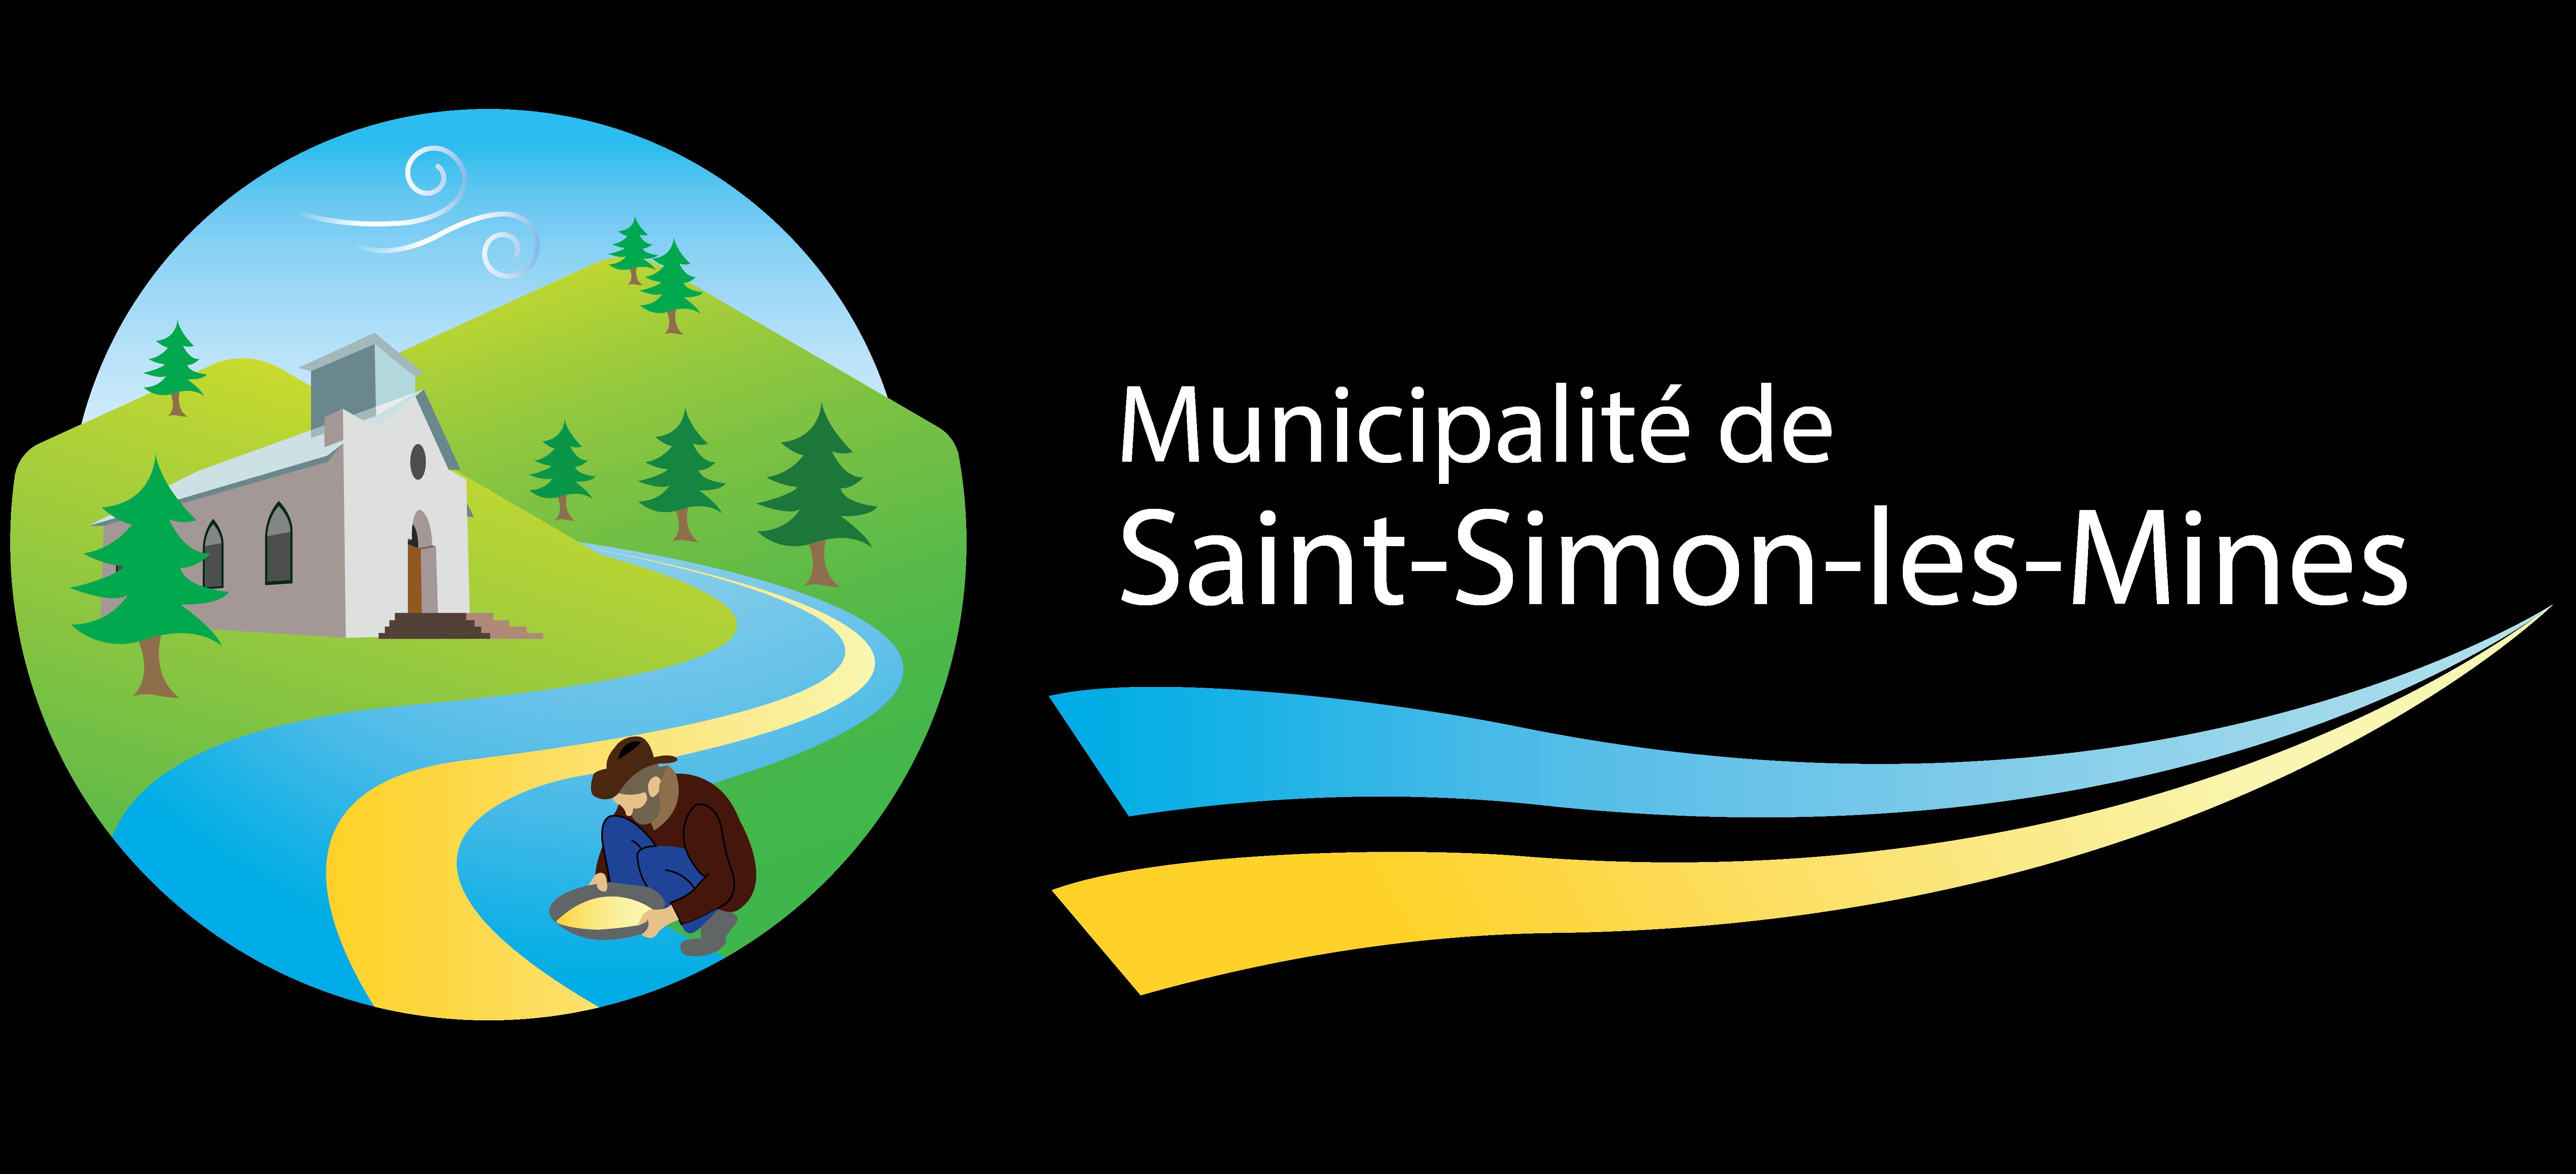 Municipalité de Saint-Simon-les-Mines